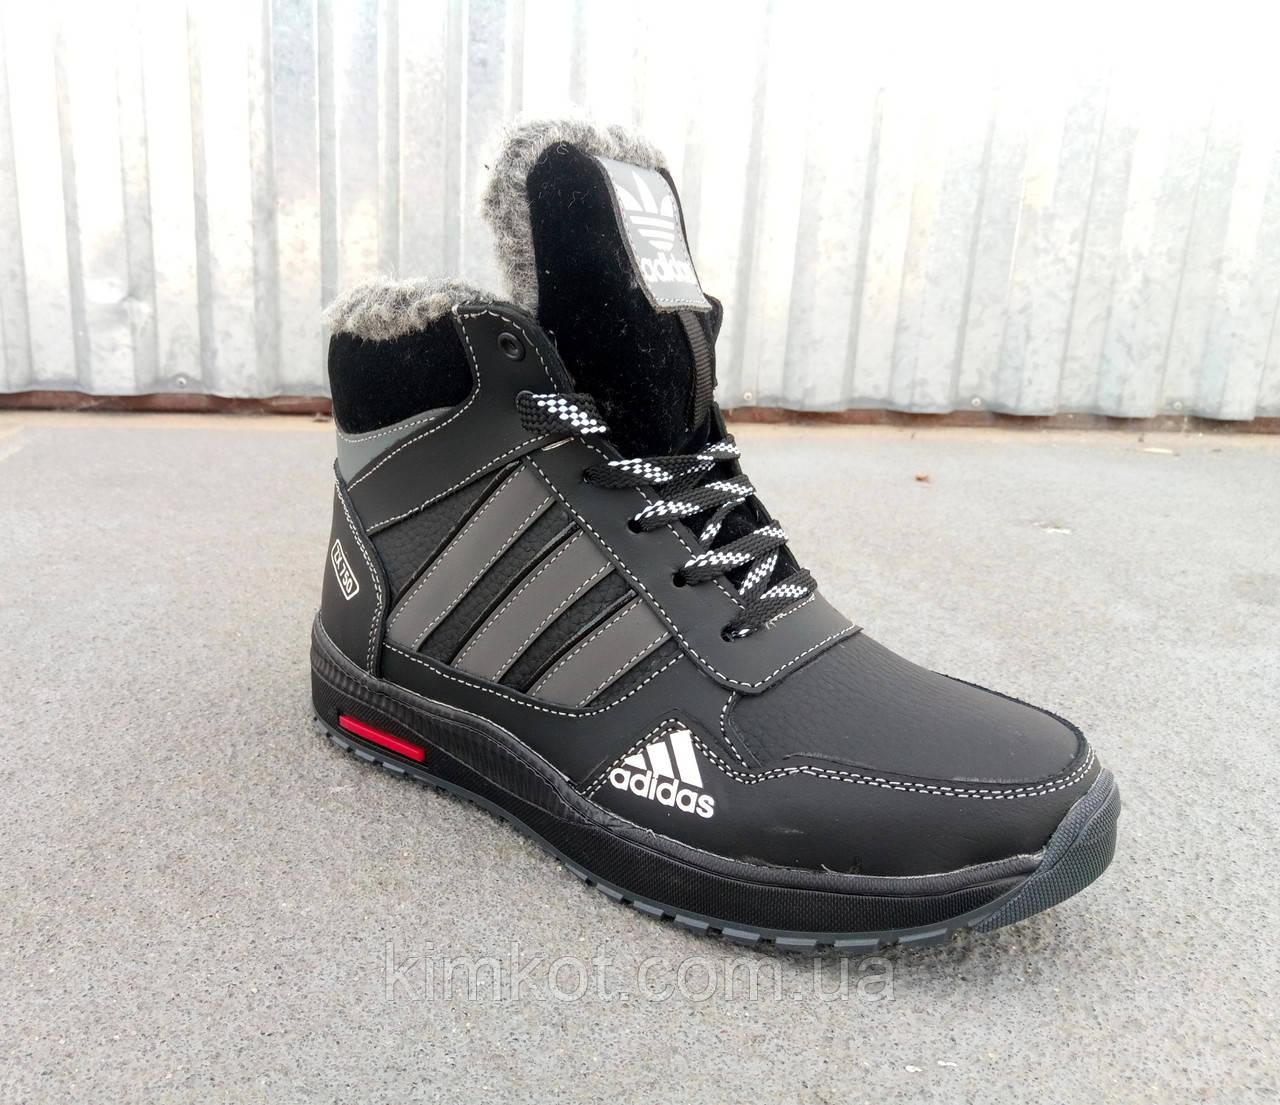 Подростковые кожаные зимние ботинки для мальчиков 36- 39 размер -  Интернет-Магазин